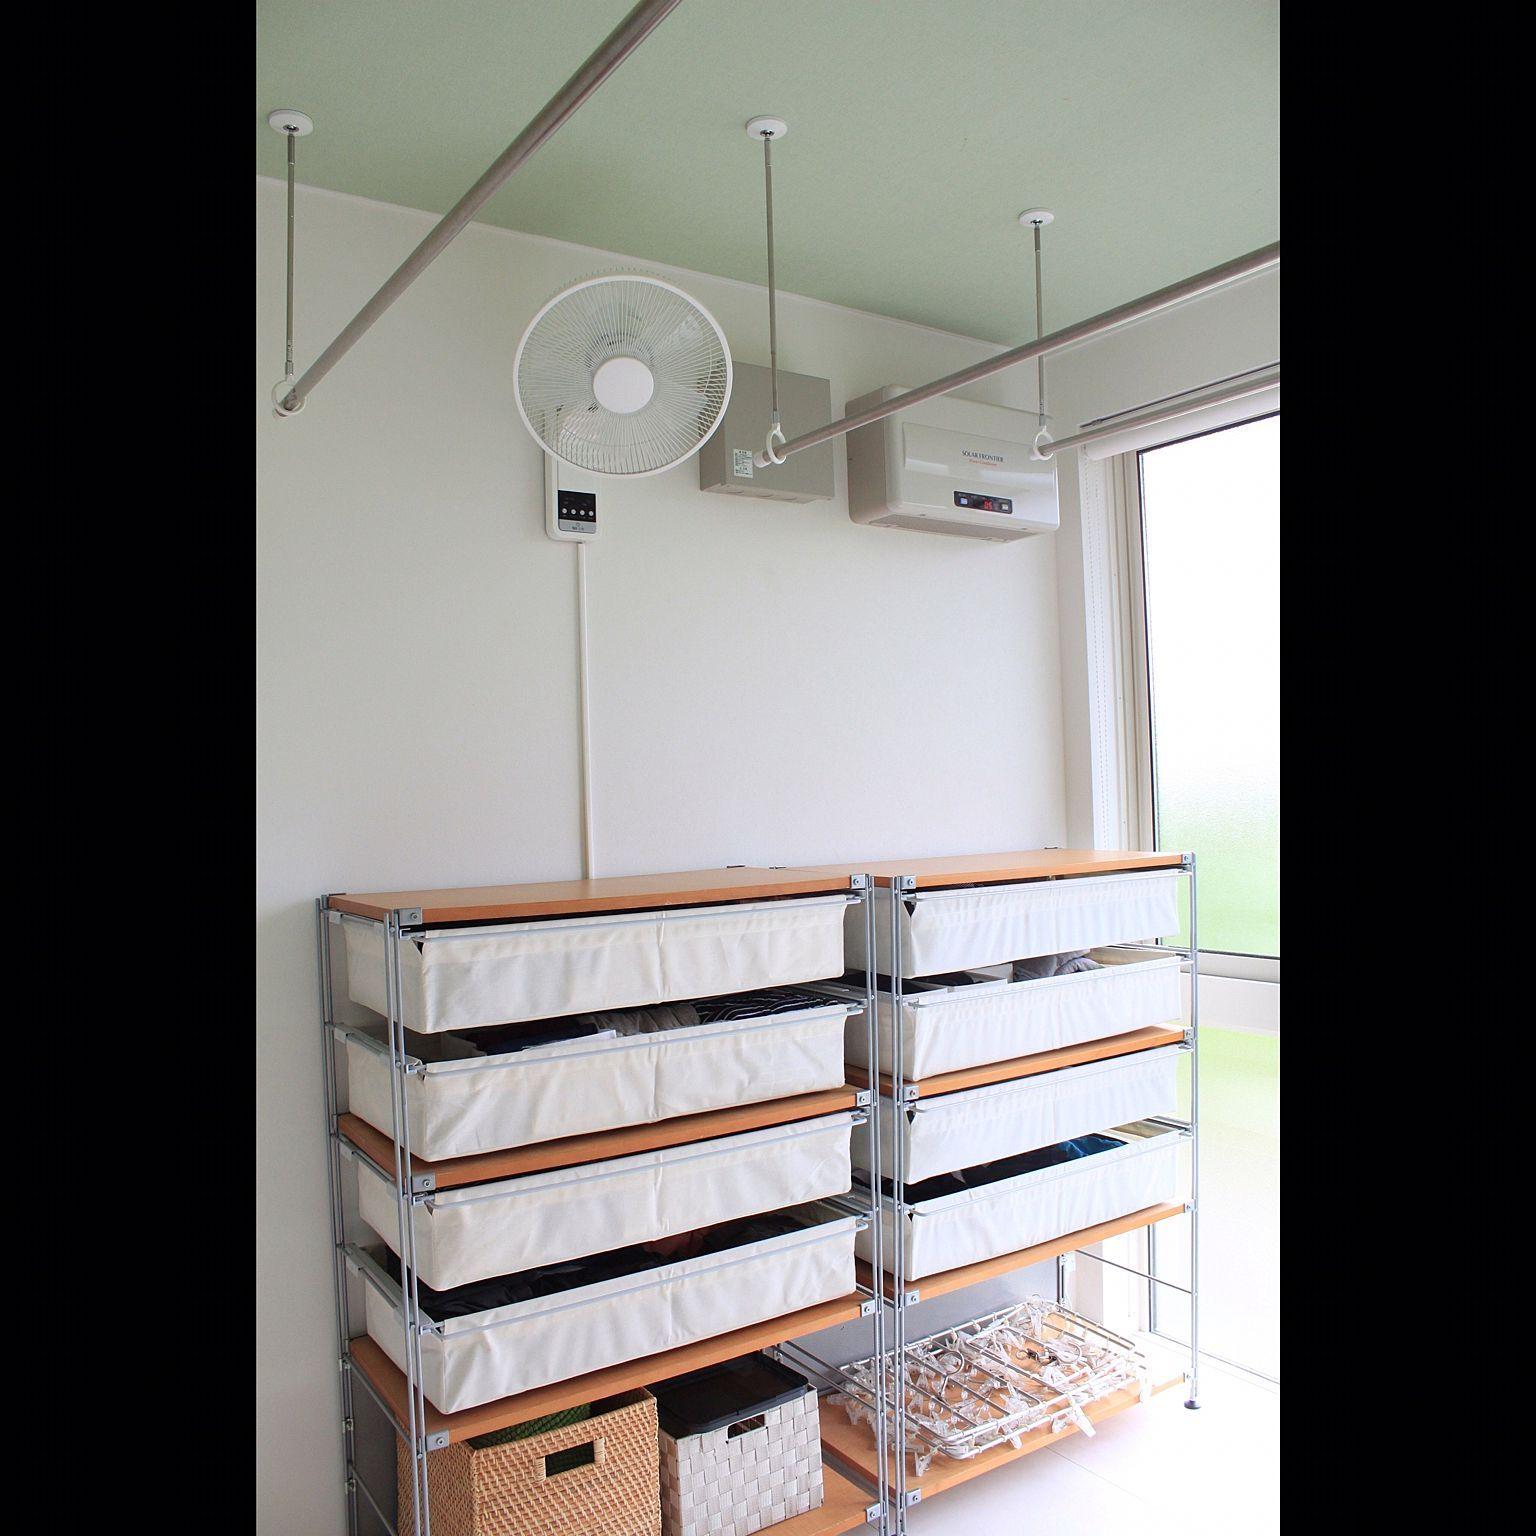 バス トイレ 壁掛け扇風機 買ってよかったモノ 無印良品 北欧ナチュラル などのインテリア実例 2016 07 15 19 55 00 Roomclip ルームクリップ 扇風機 壁掛け リフォーム 間取り インテリア